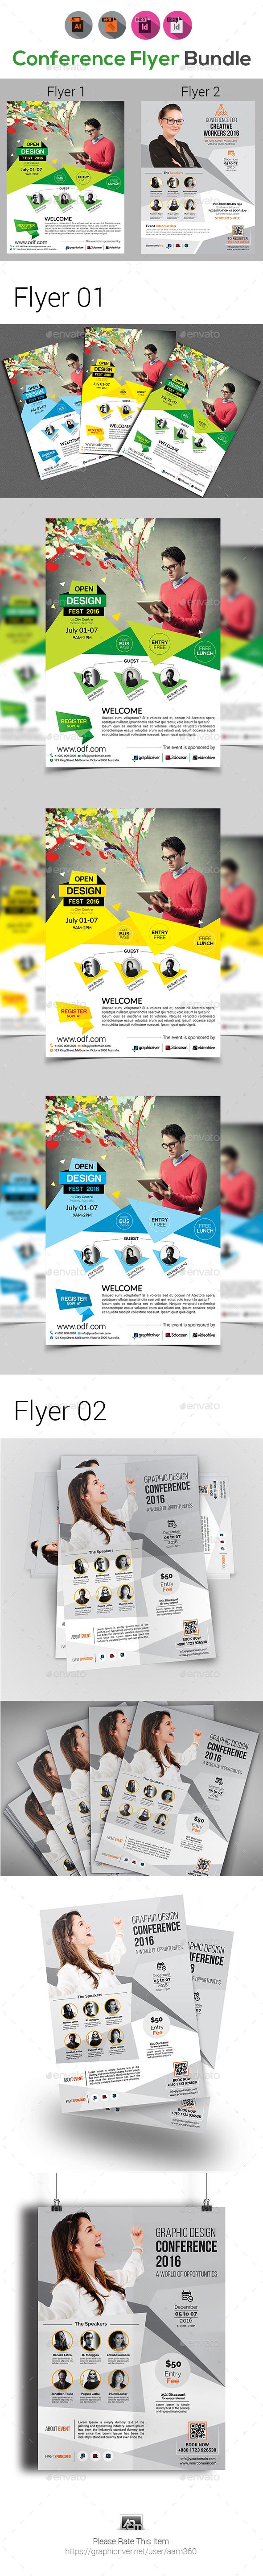 Conference Flyer Bundle V3 - Events Flyers